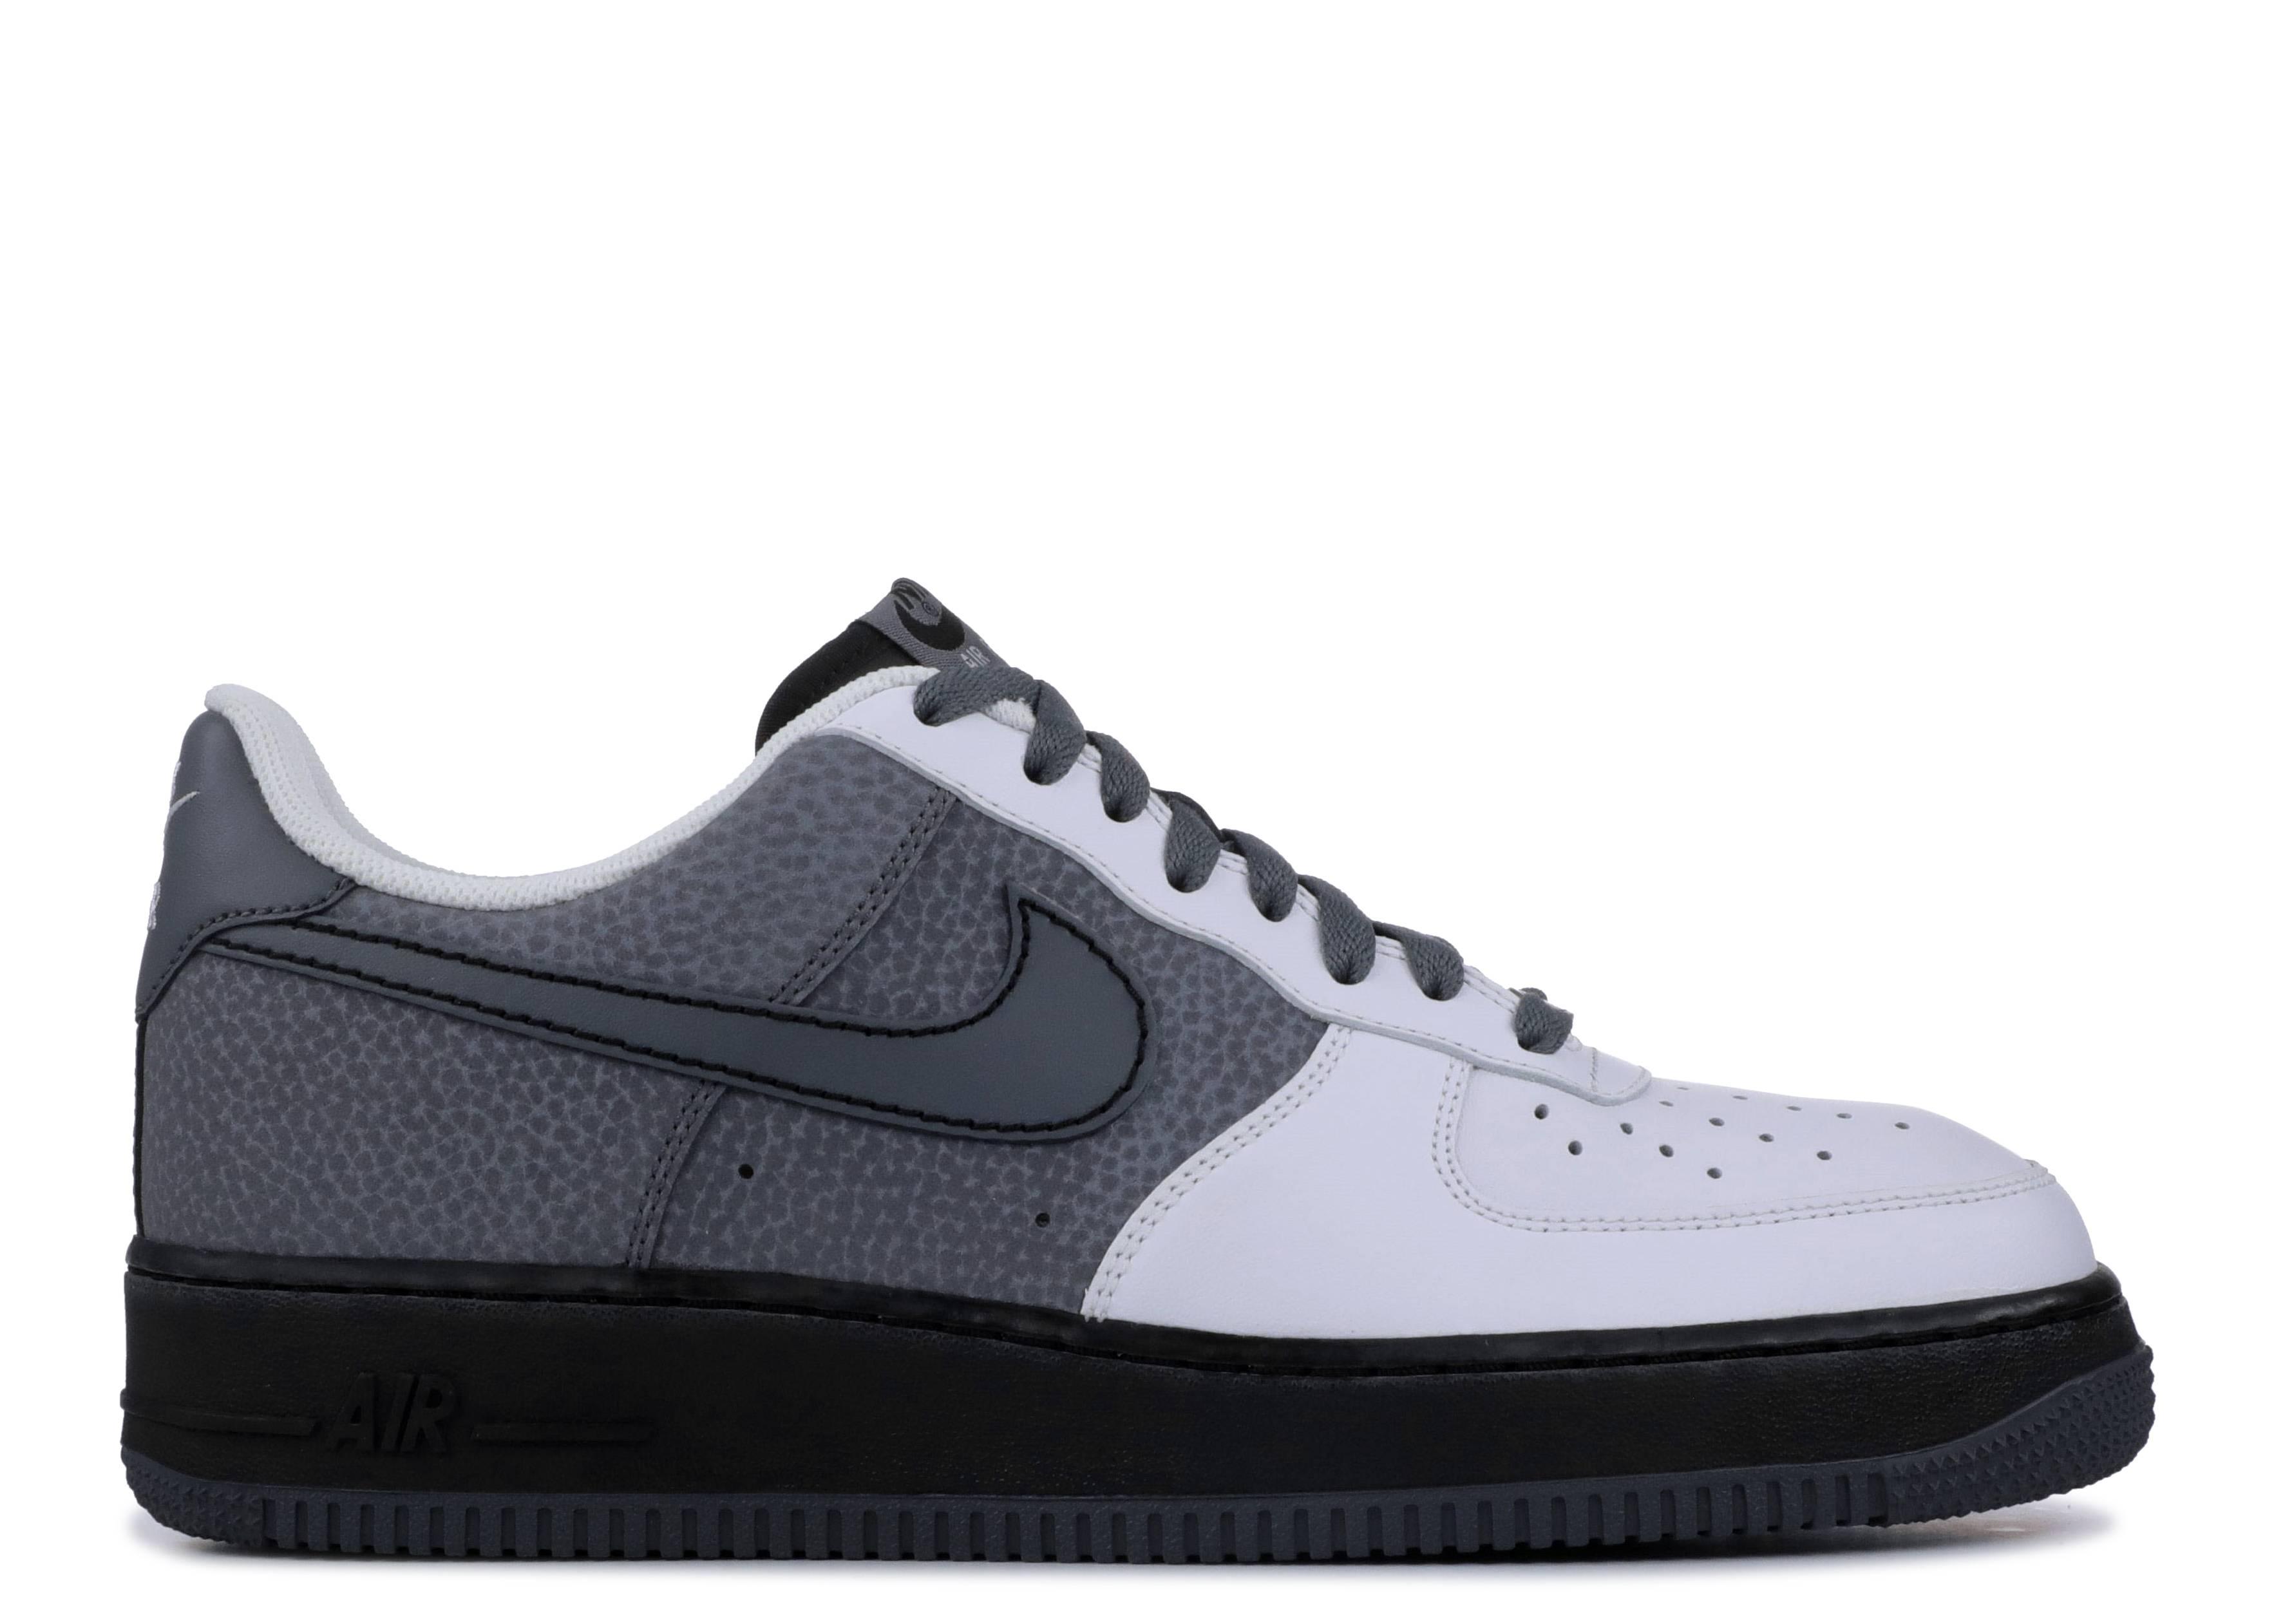 Nike Air Max 1 Black Flint Silver | Sneakers | Sneakers nike